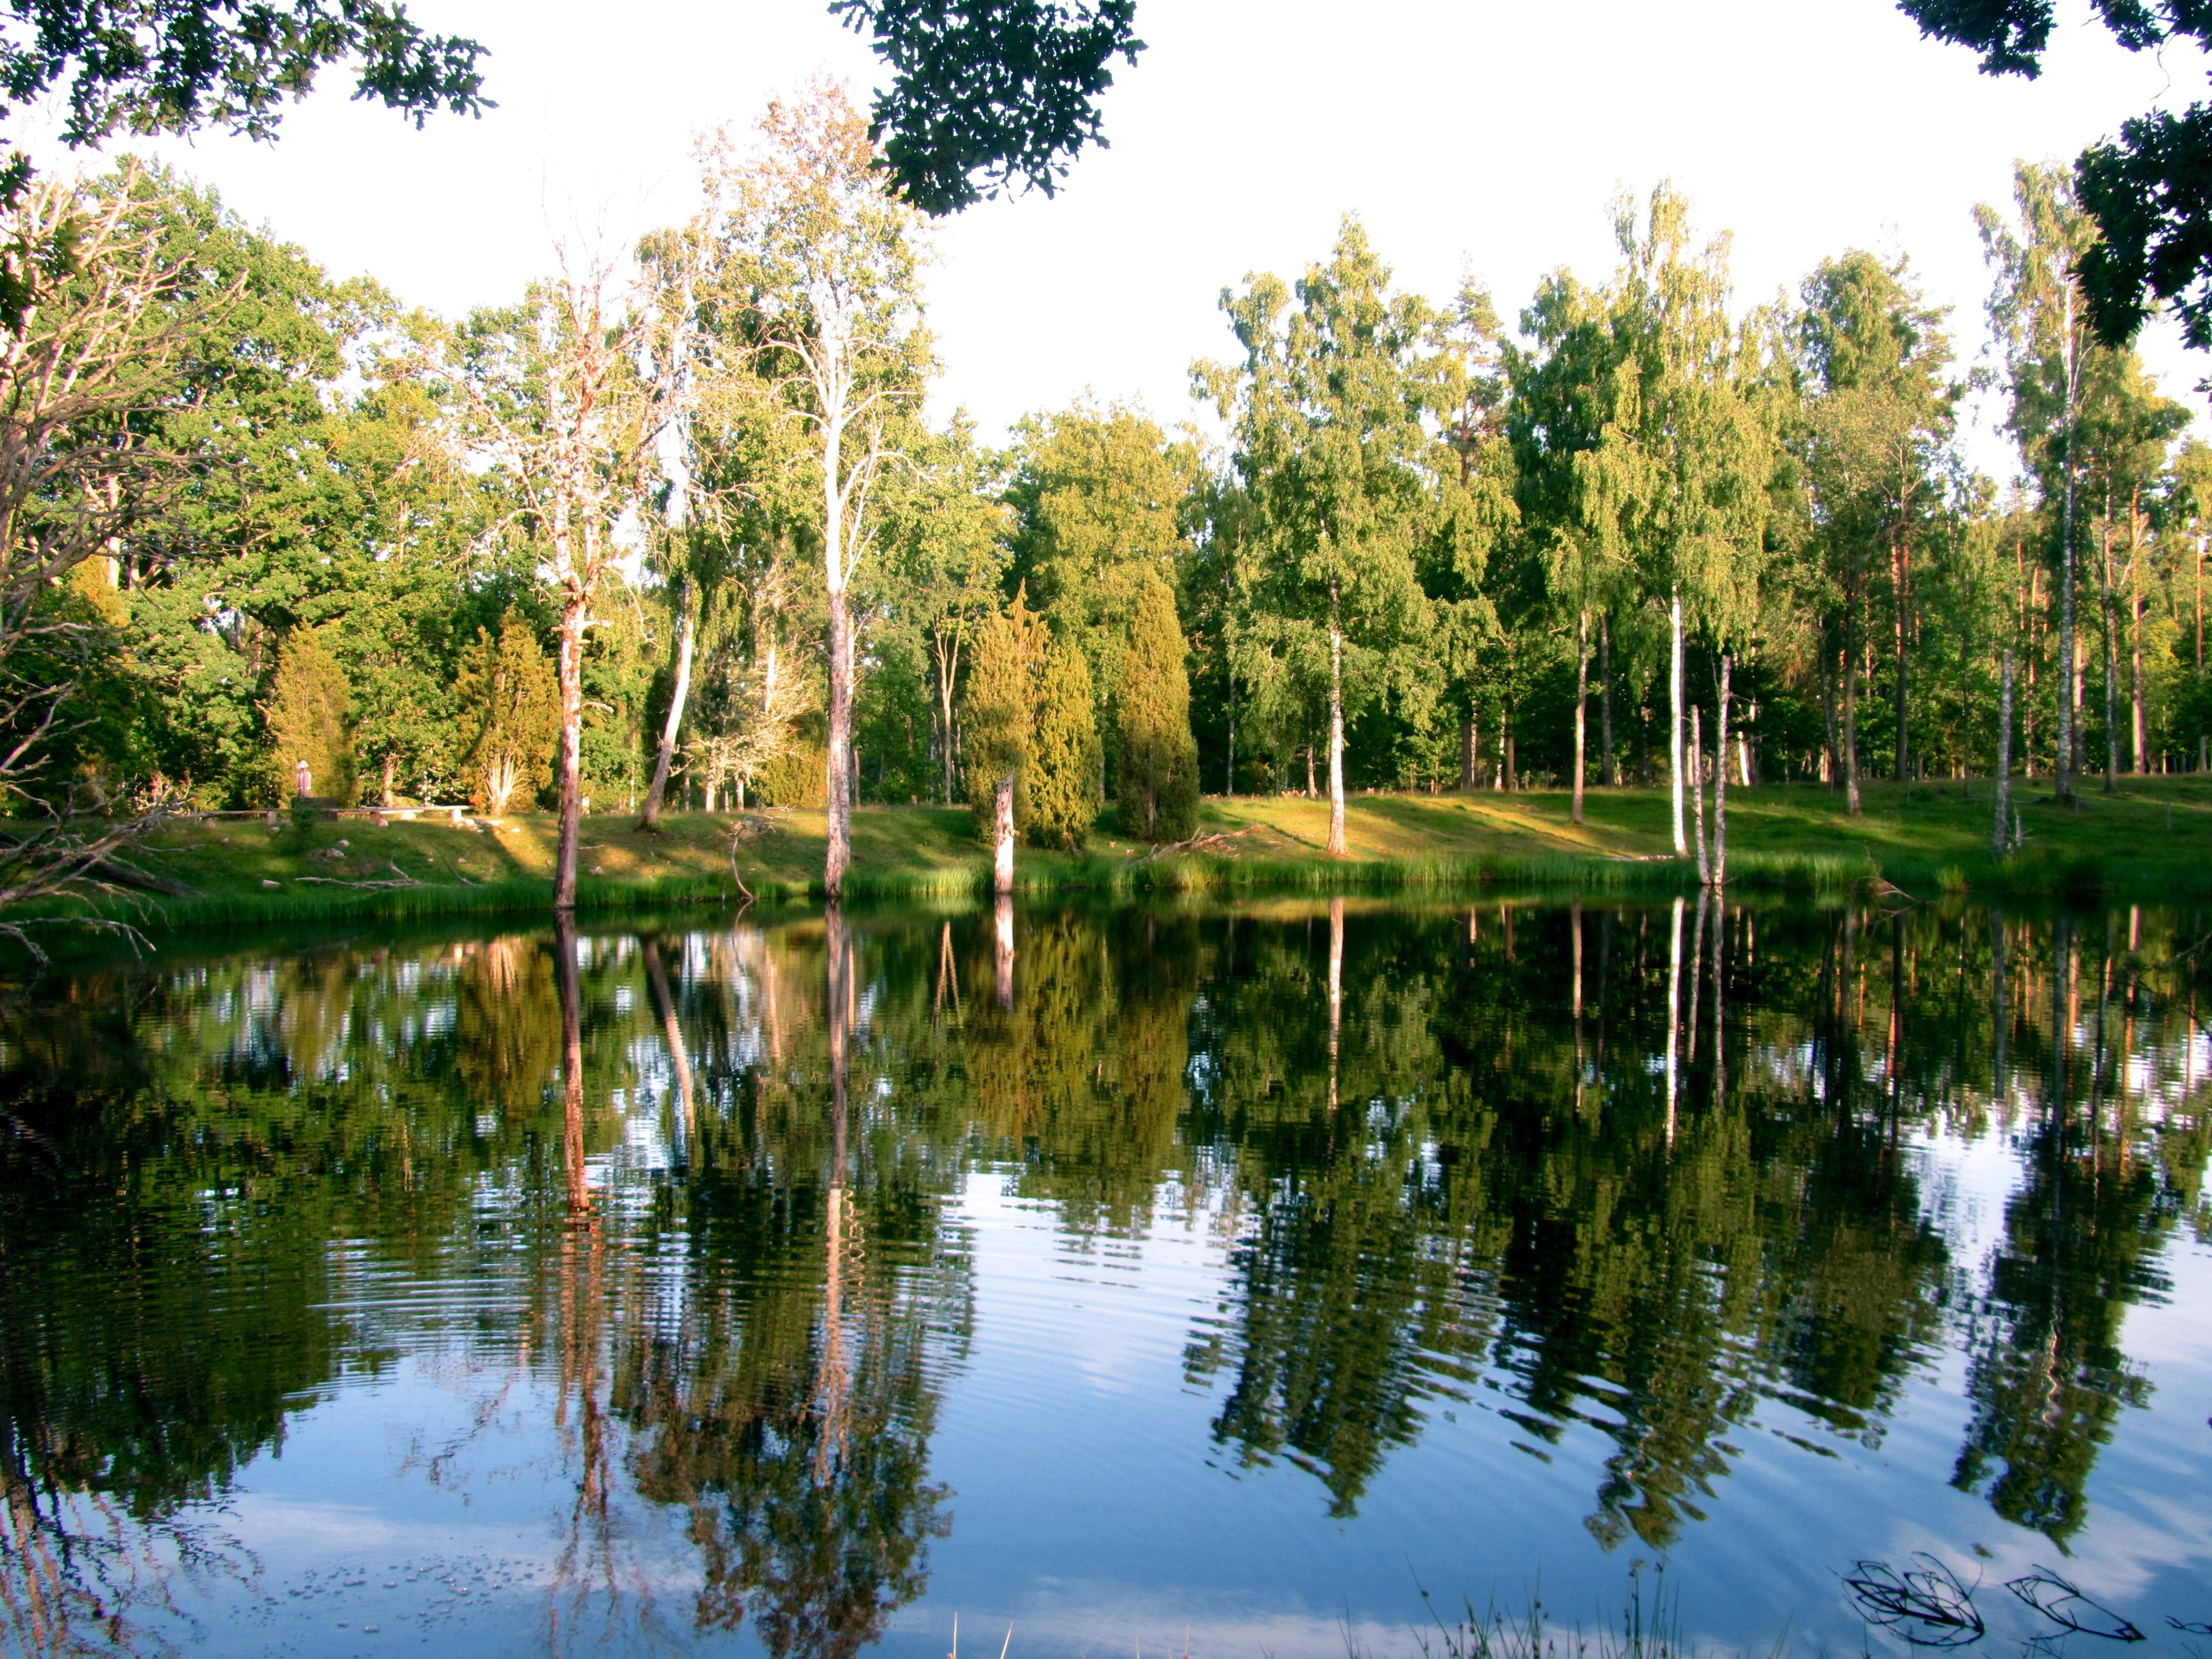 Naturschutzgebiet Korrö, Småland, Schweden